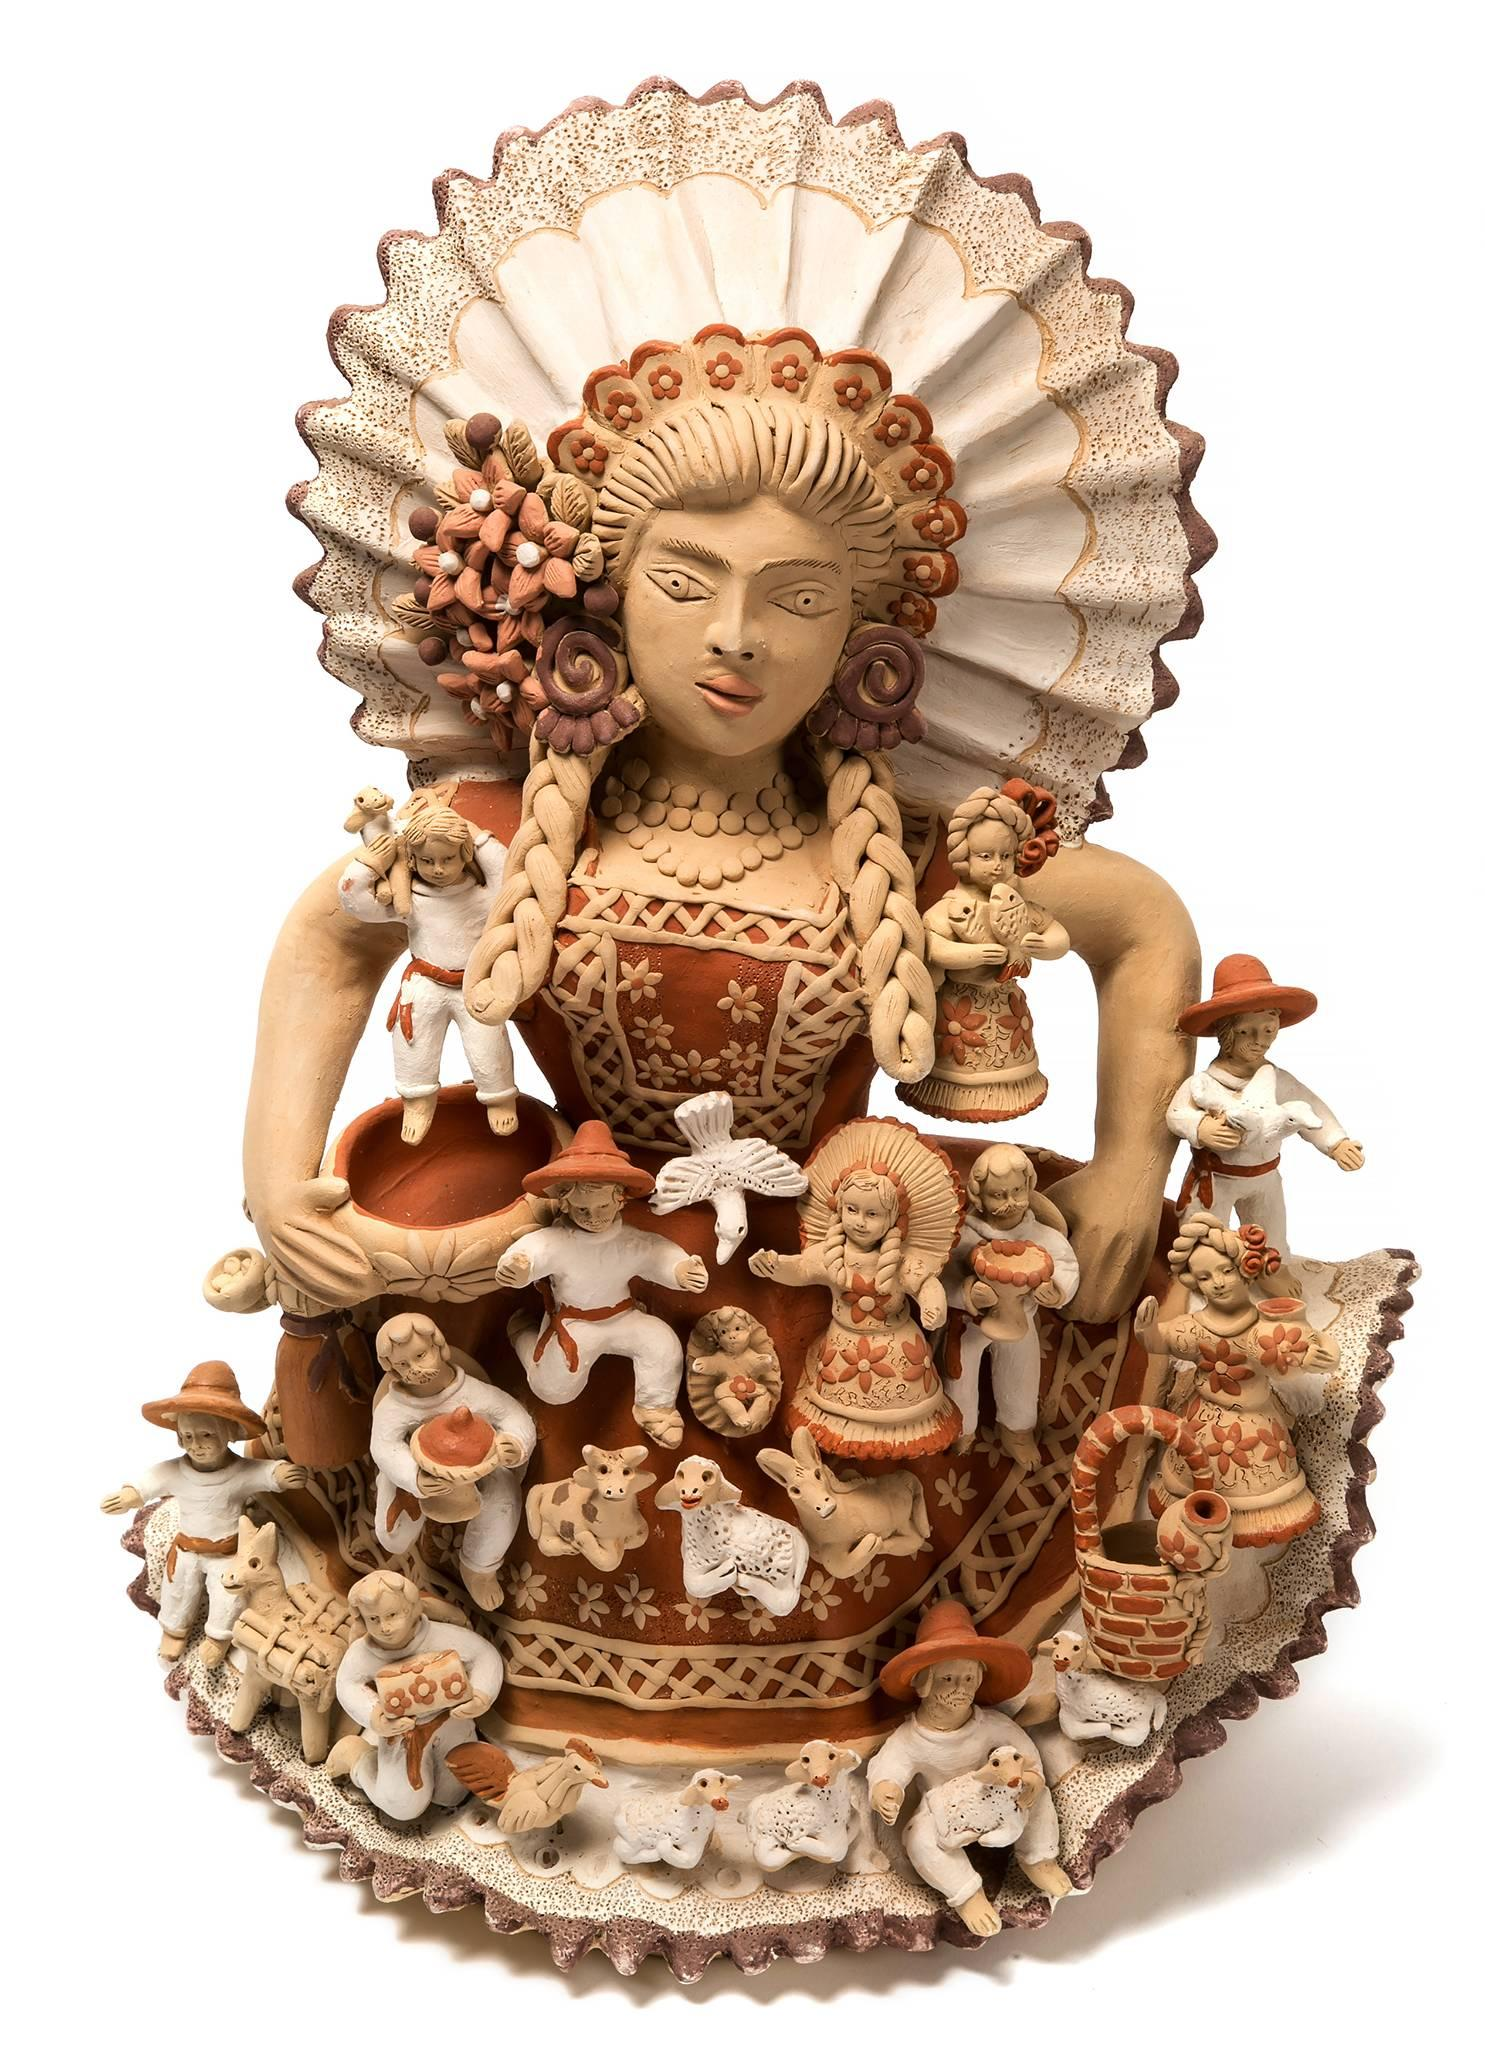 Tehuana con Nacimiento / Ceramics Mexican Folk Art Clay Nativity